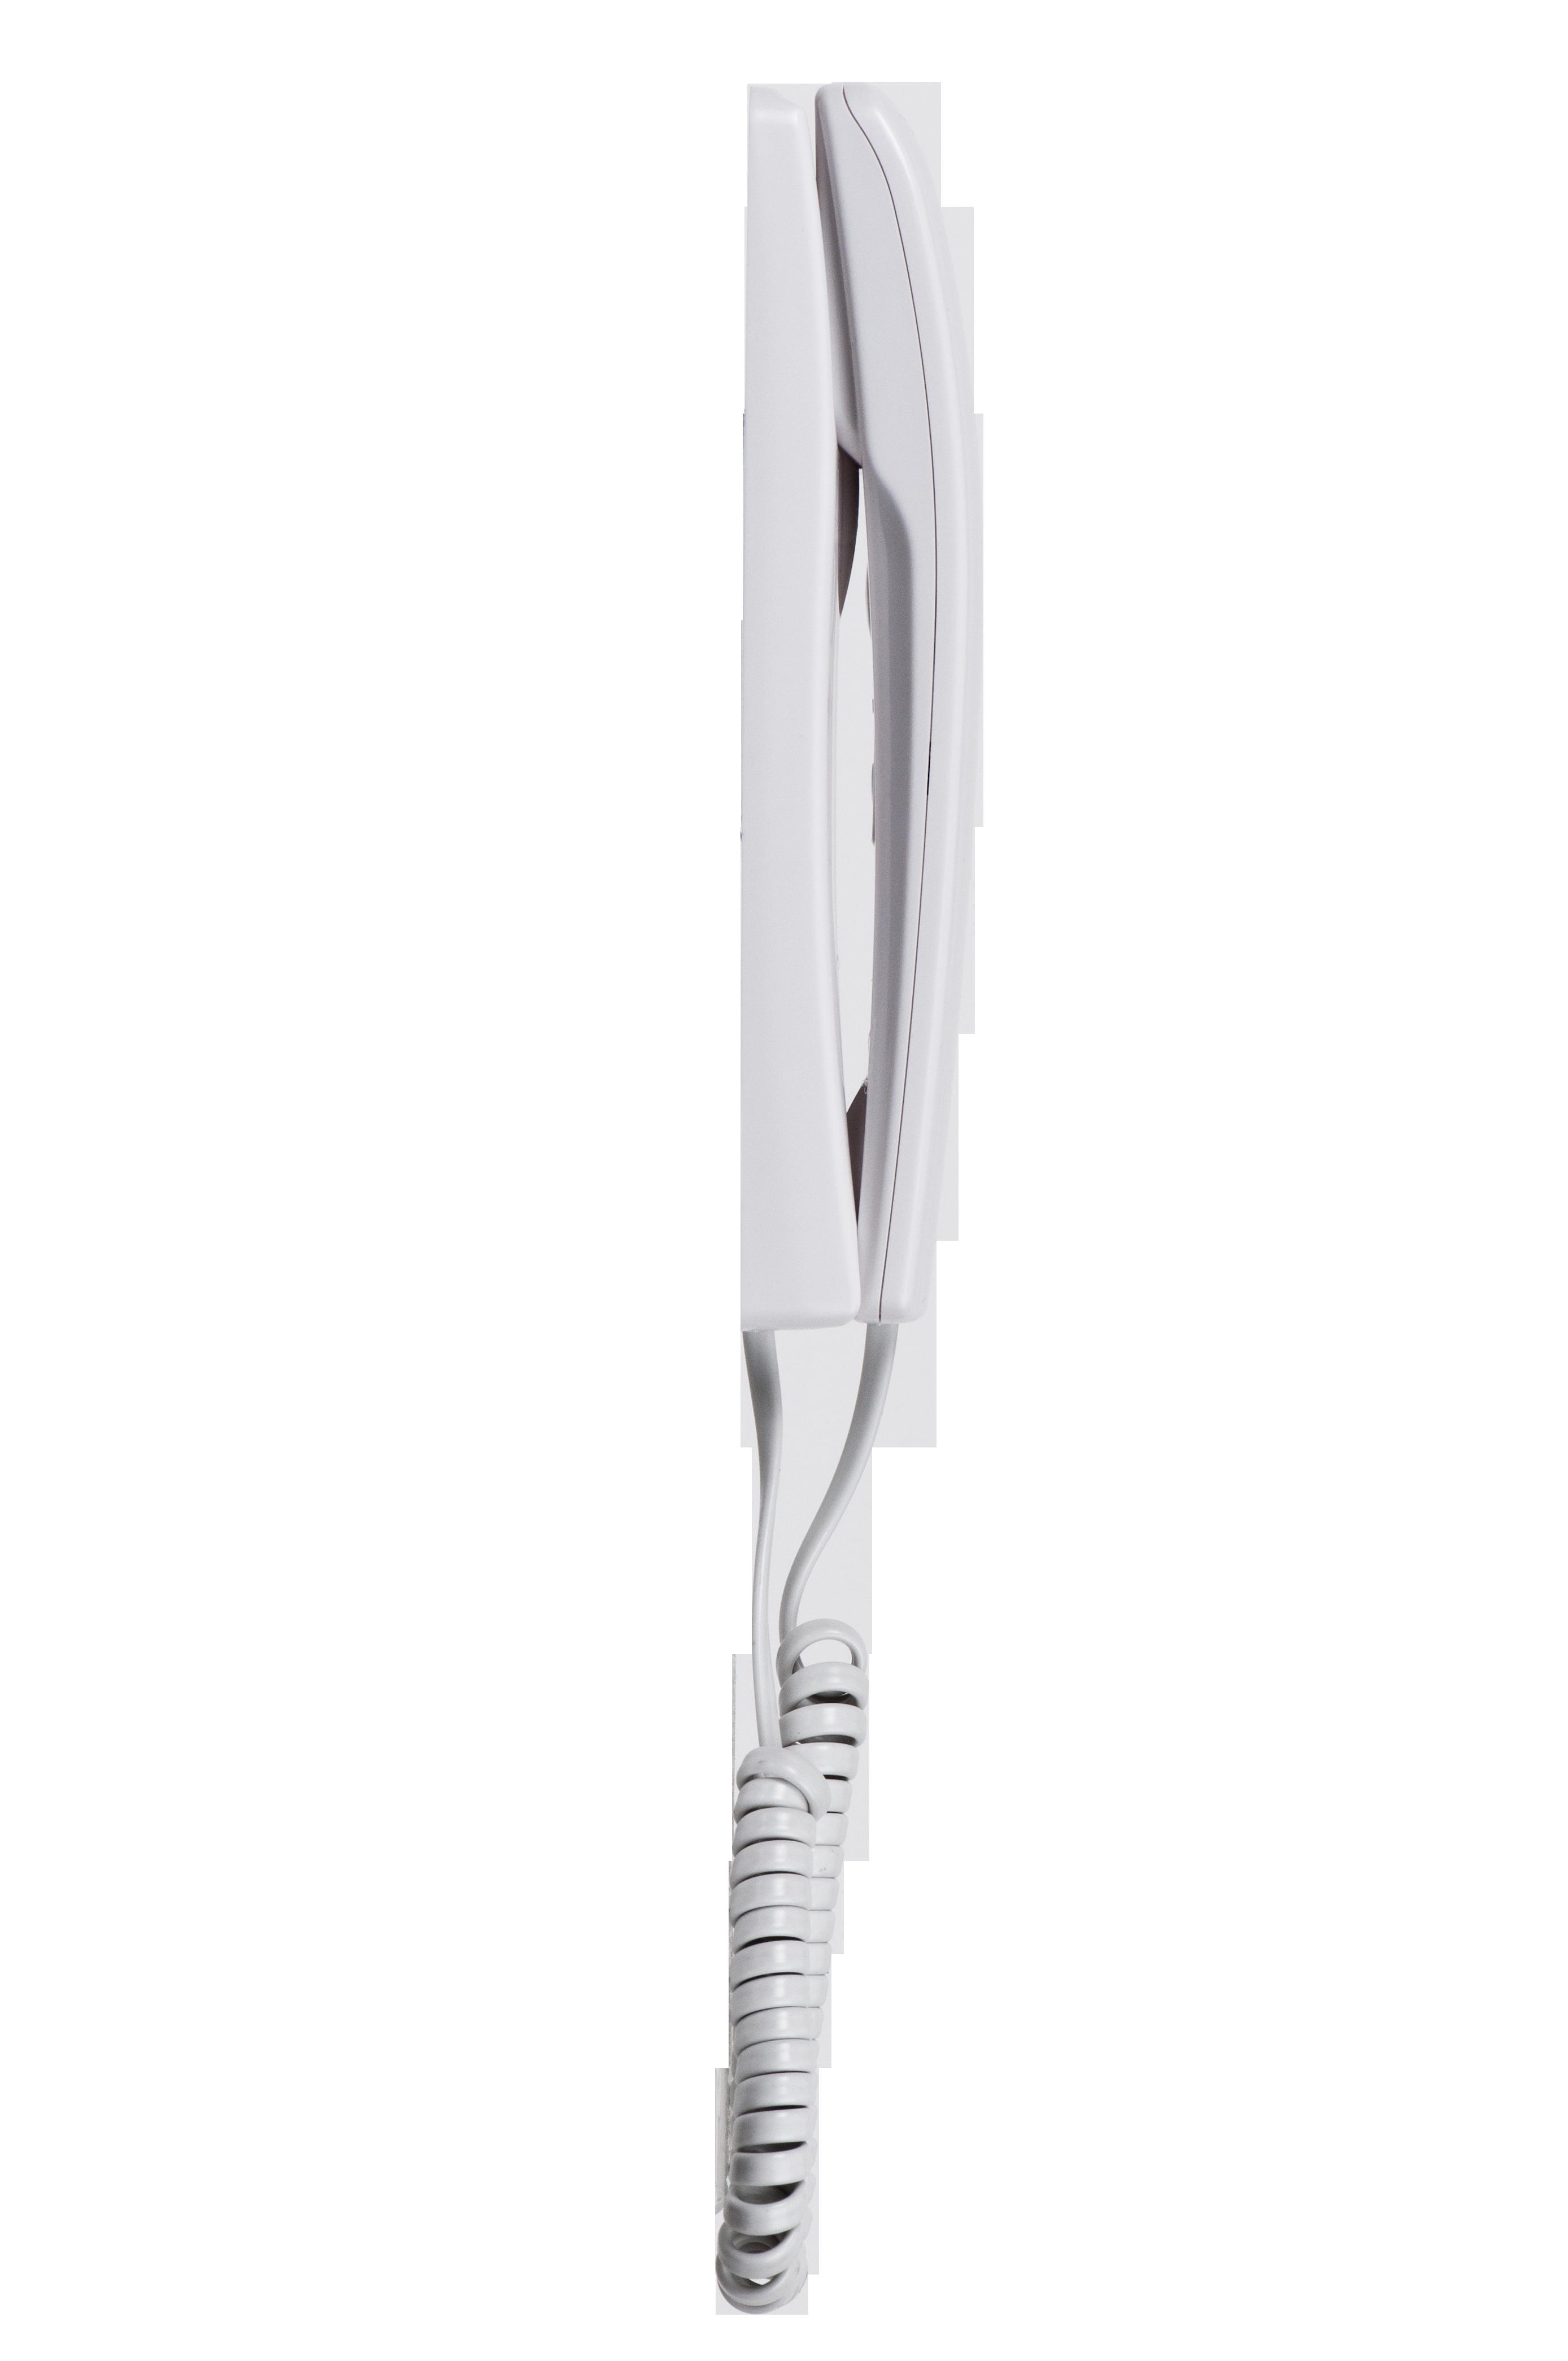 инструкция домофонной трубки